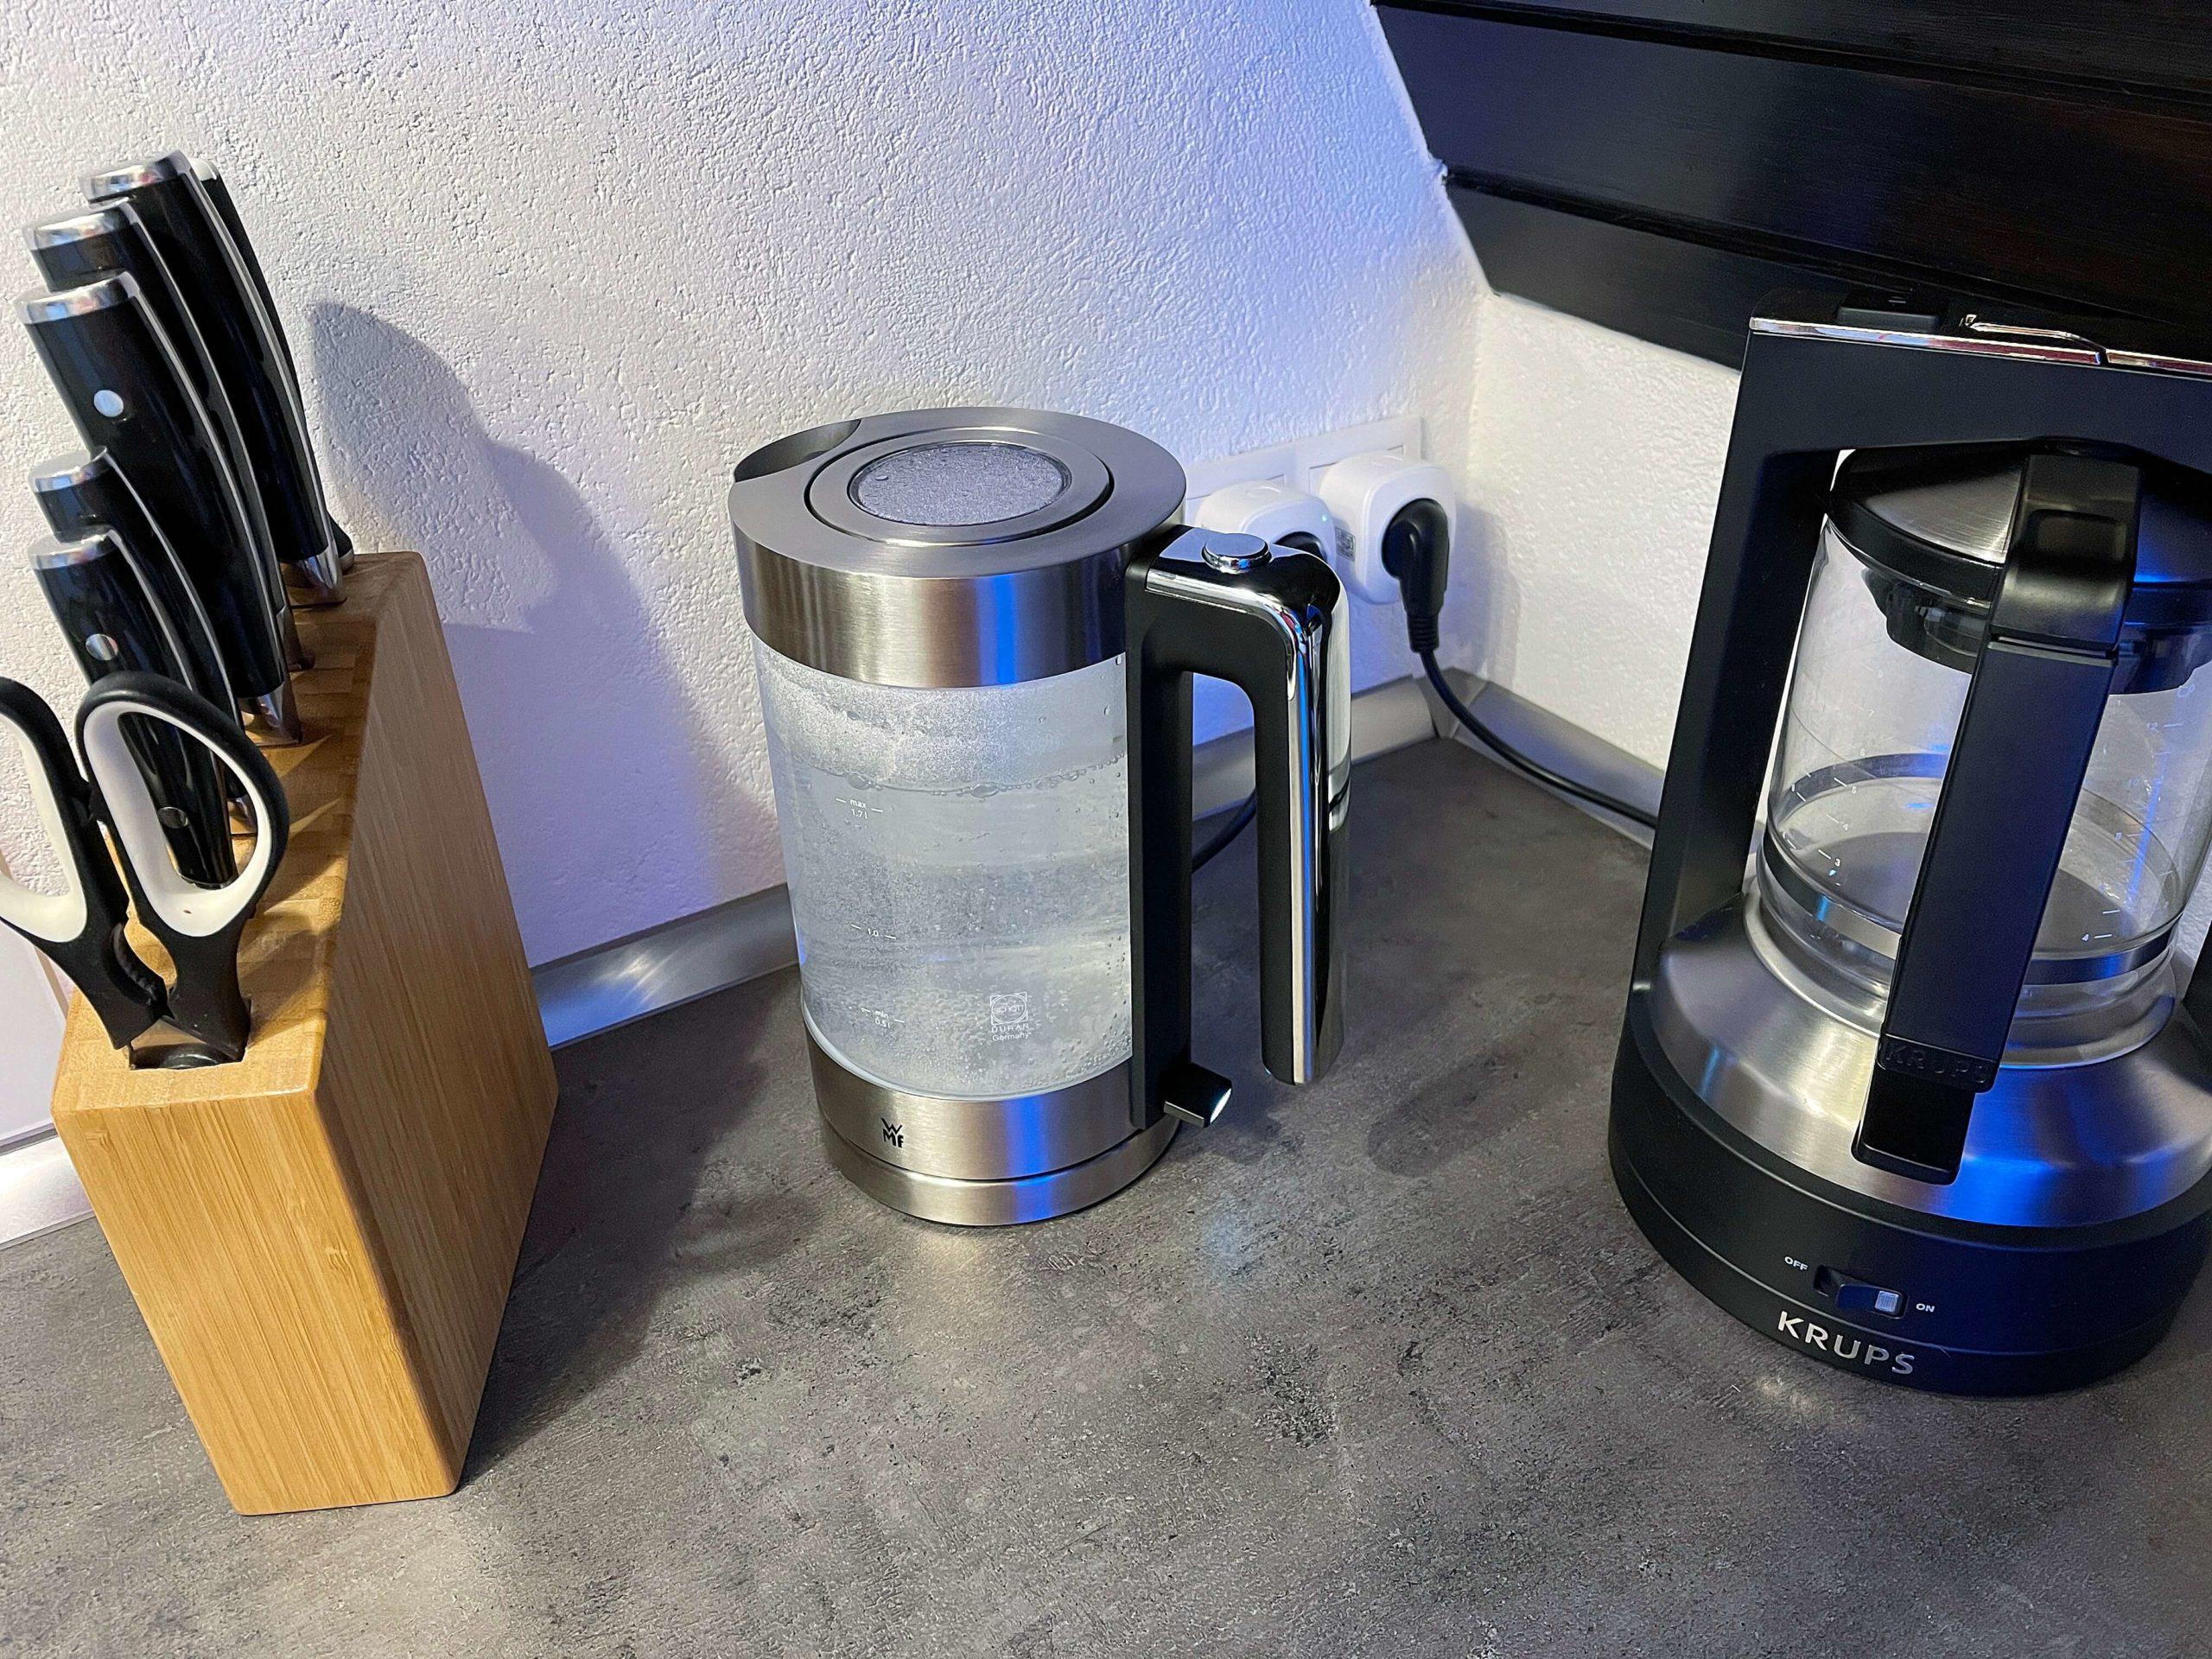 Lono-Glaswasserkocher-von-WMF-ideal-fuer-das-Apple-HomeKit-Zuhause6-scaled Lono Glaswasserkocher von WMF - ideal für das Apple HomeKit-Zuhause